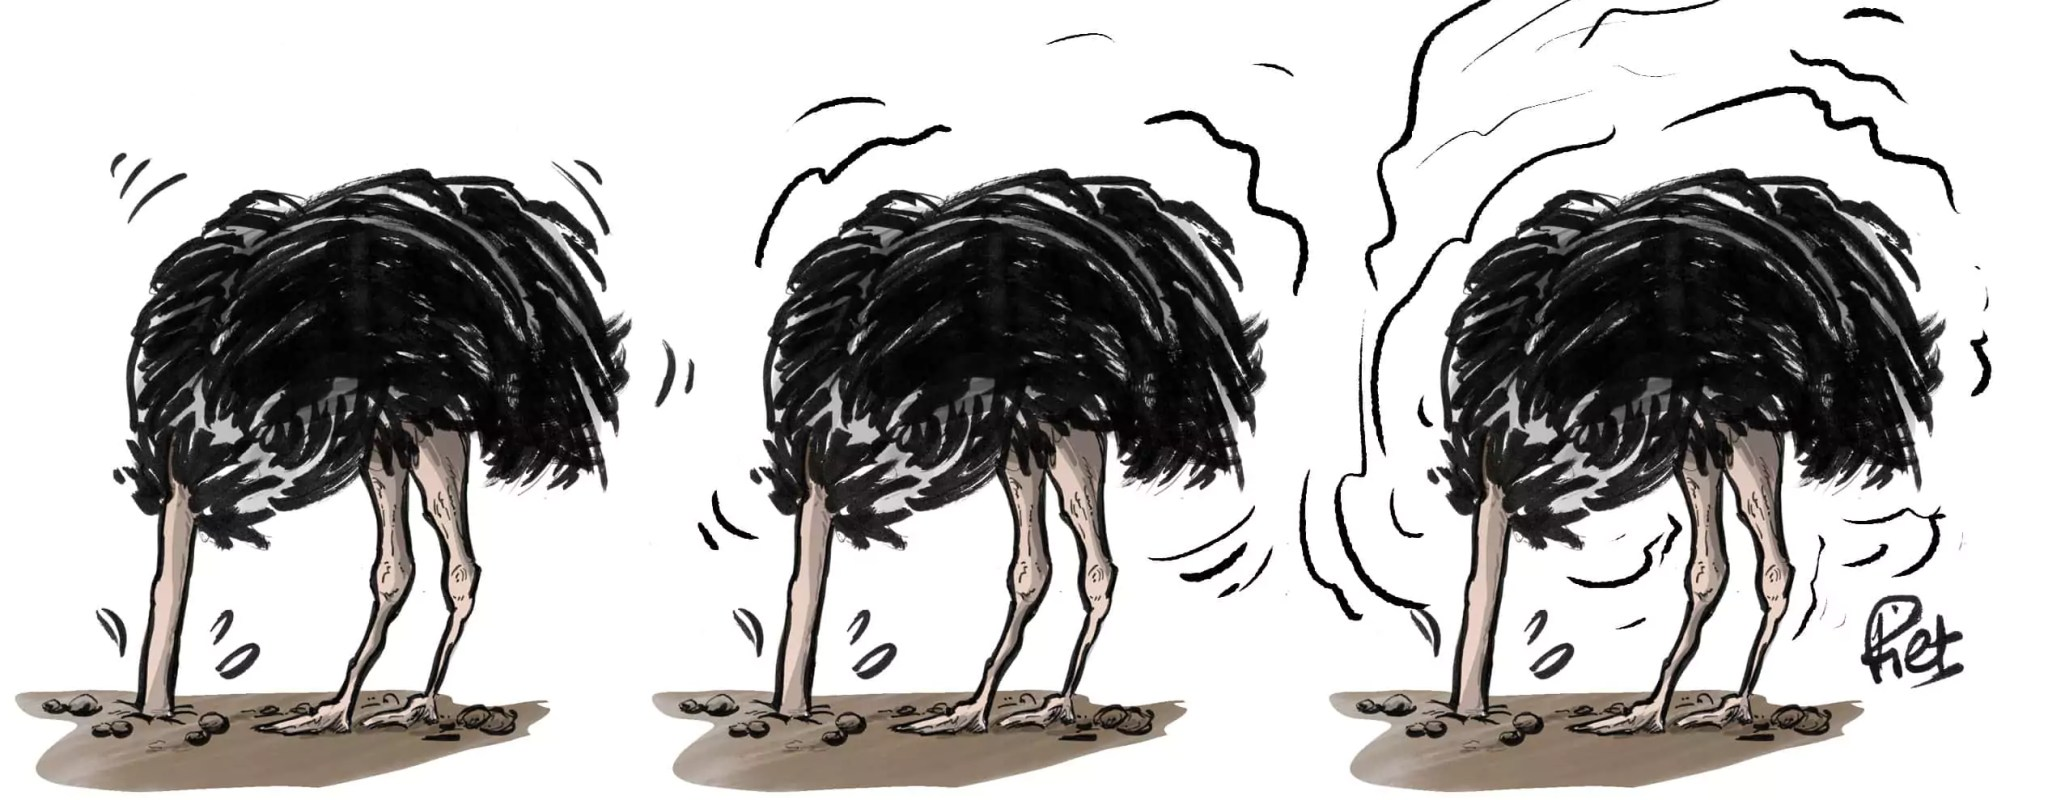 L'autruche, cette nouvelle mascotte alsacienne